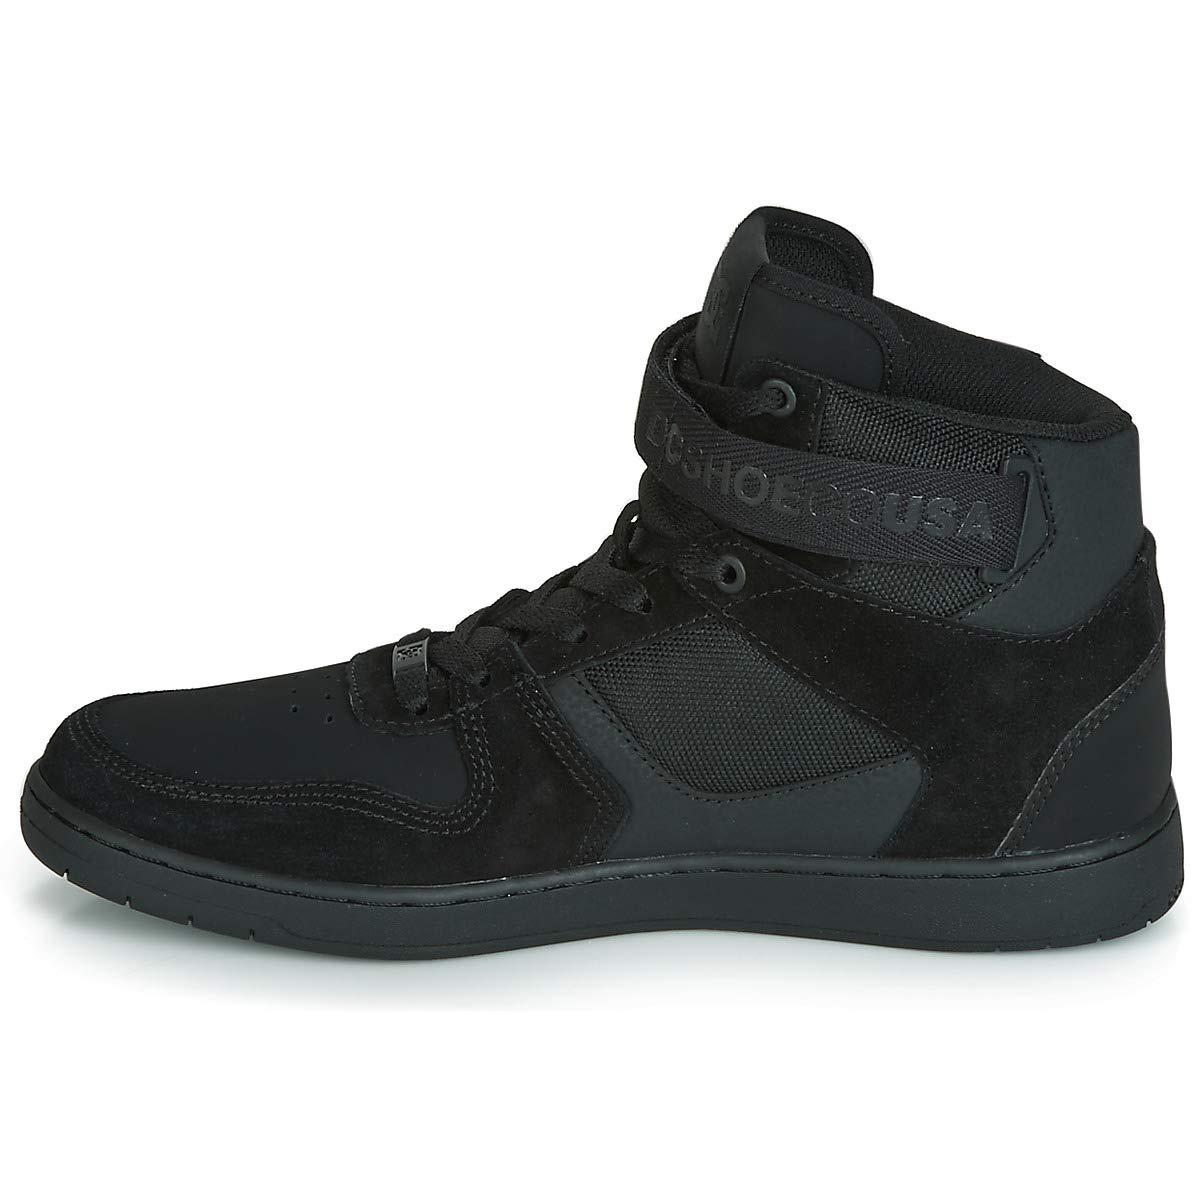 DC scarpe Pensford, Scarpe da Skateboard Uomo Uomo Uomo B07MBQV5C4 48.5 EU Nero Nero Nero   Superficie facile da pulire    Intelligente e pratico    Adatto per il colore    Materiali Selezionati Con Cura    Ultima Tecnologia    Lussureggiante In Design  538975